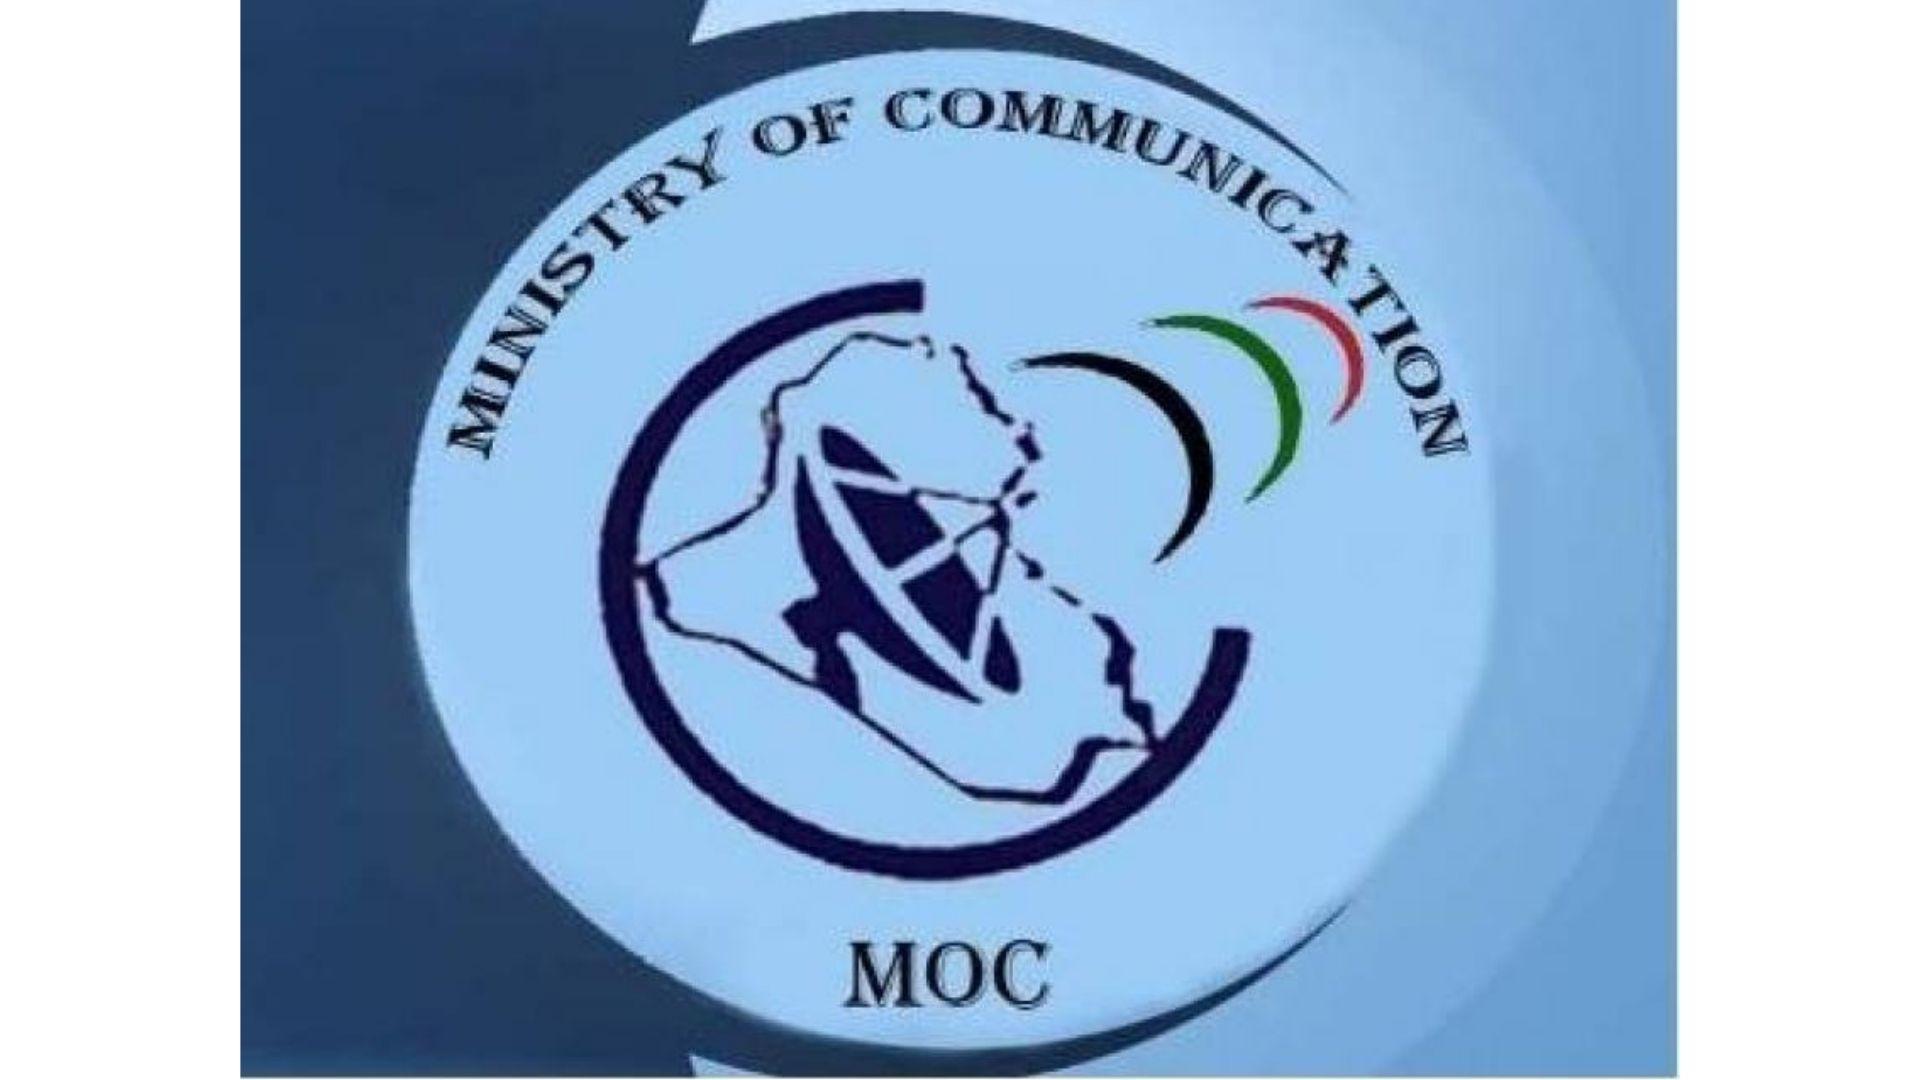 وزارة الاتصالات تكثف جهودها لمحاربة مهربي الانترنت